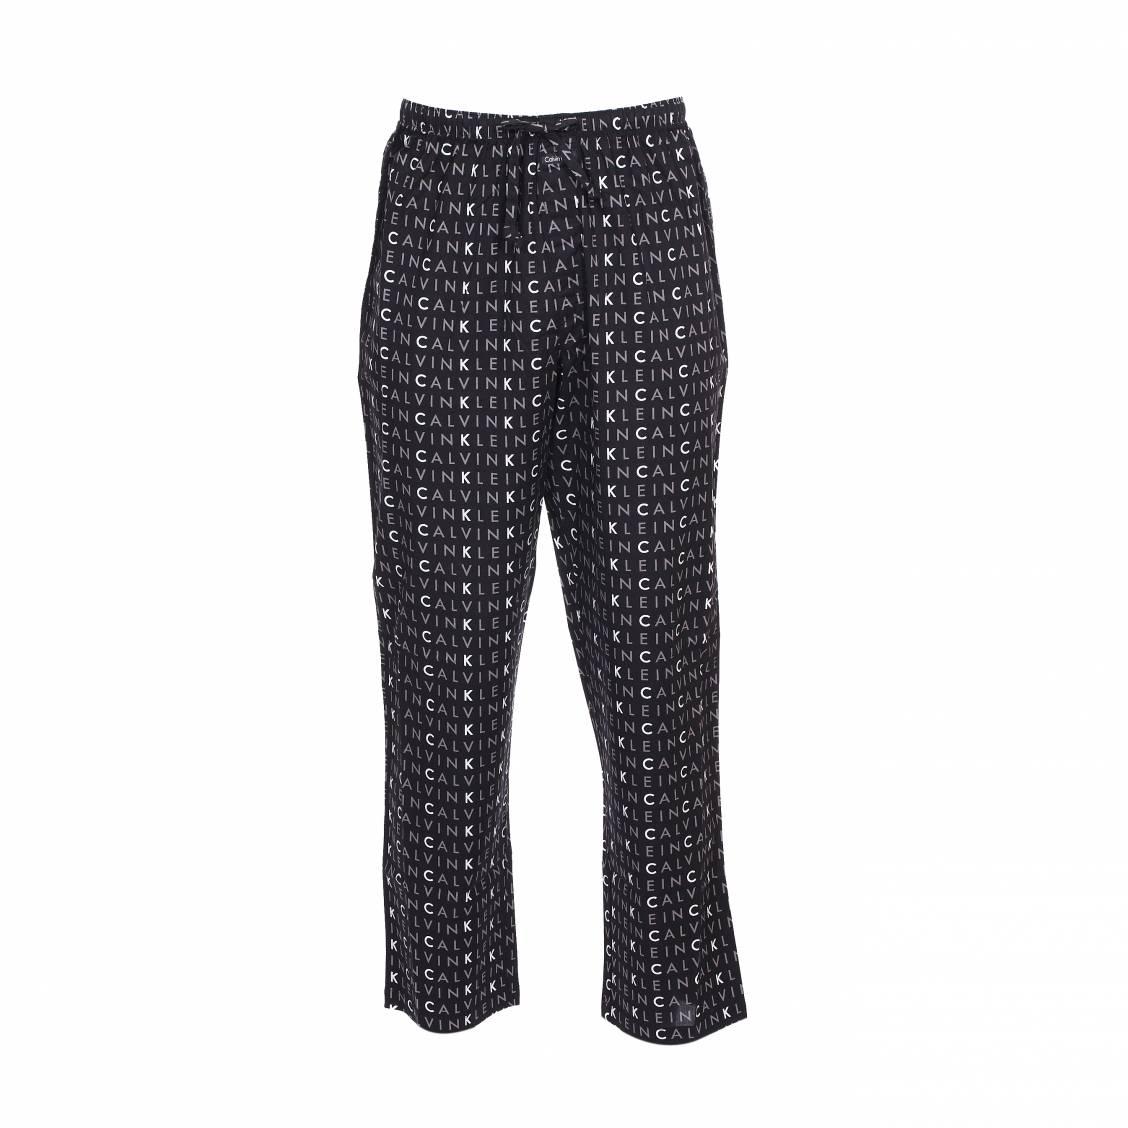 Pantalon de pyjama calvin klein en coton noir monogrammé